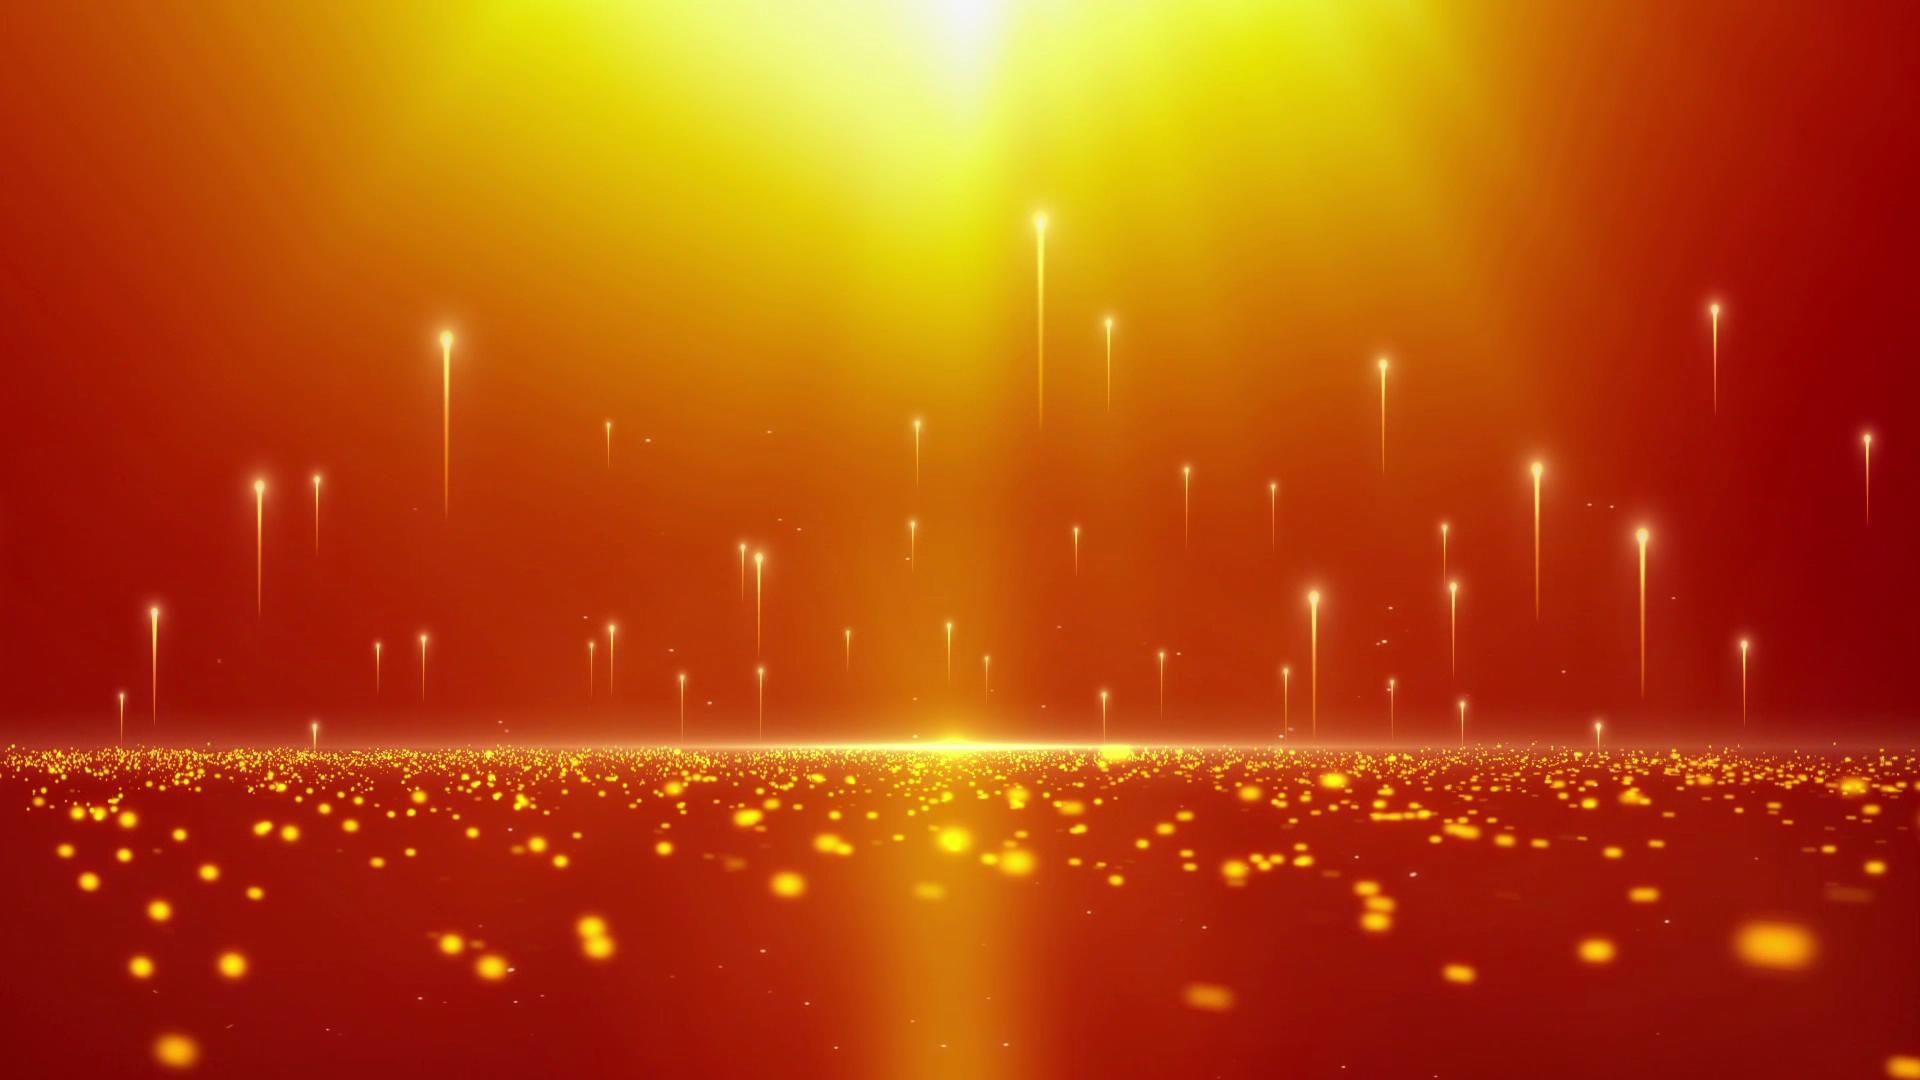 上升的金色粒子